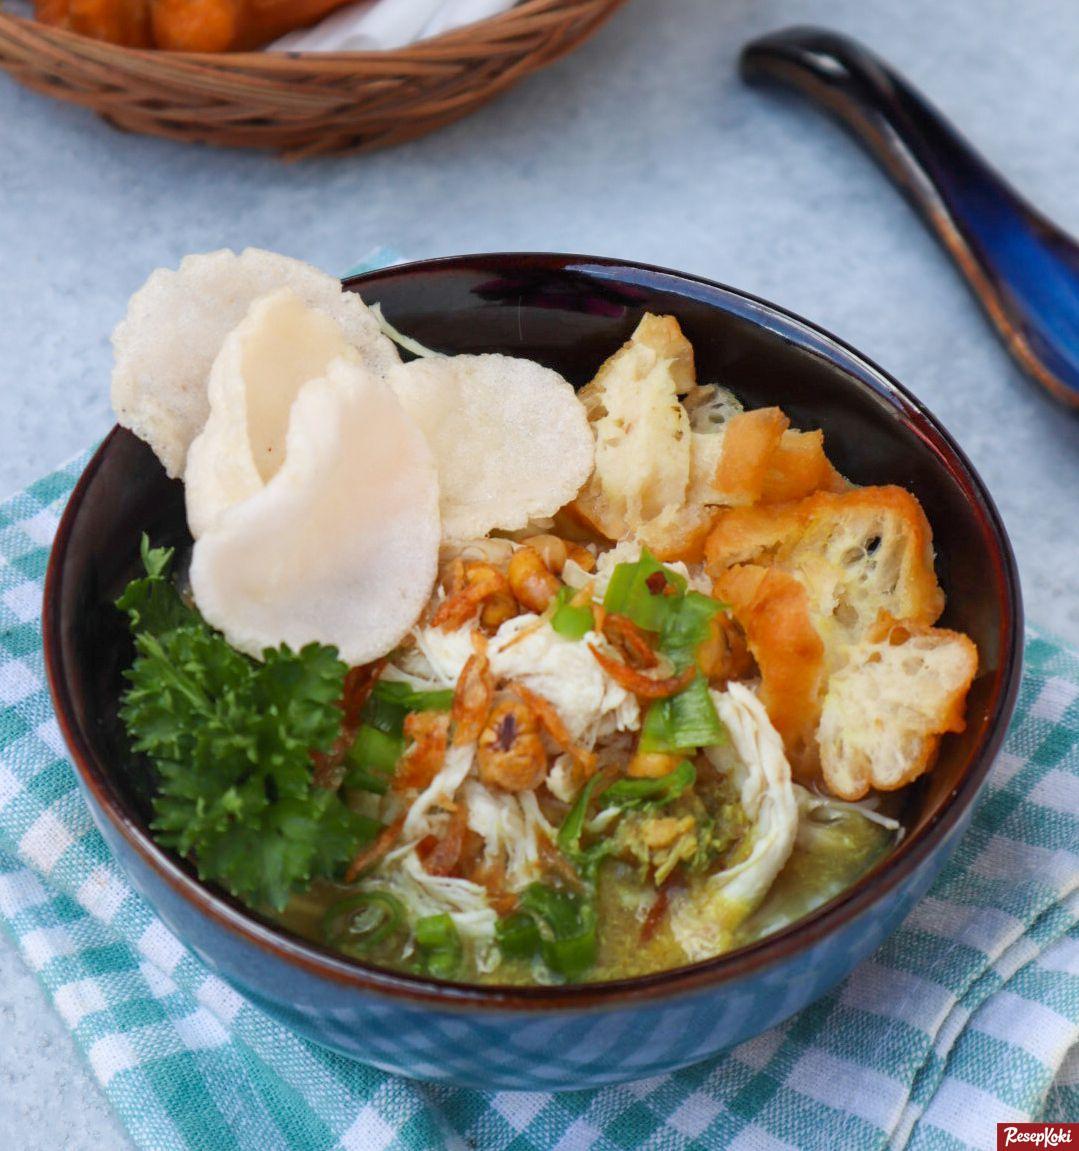 Bubur Ayam Cirebon Lezat Dan Sederhana Resep Resepkoki Resep Resep Resep Makanan Makanan